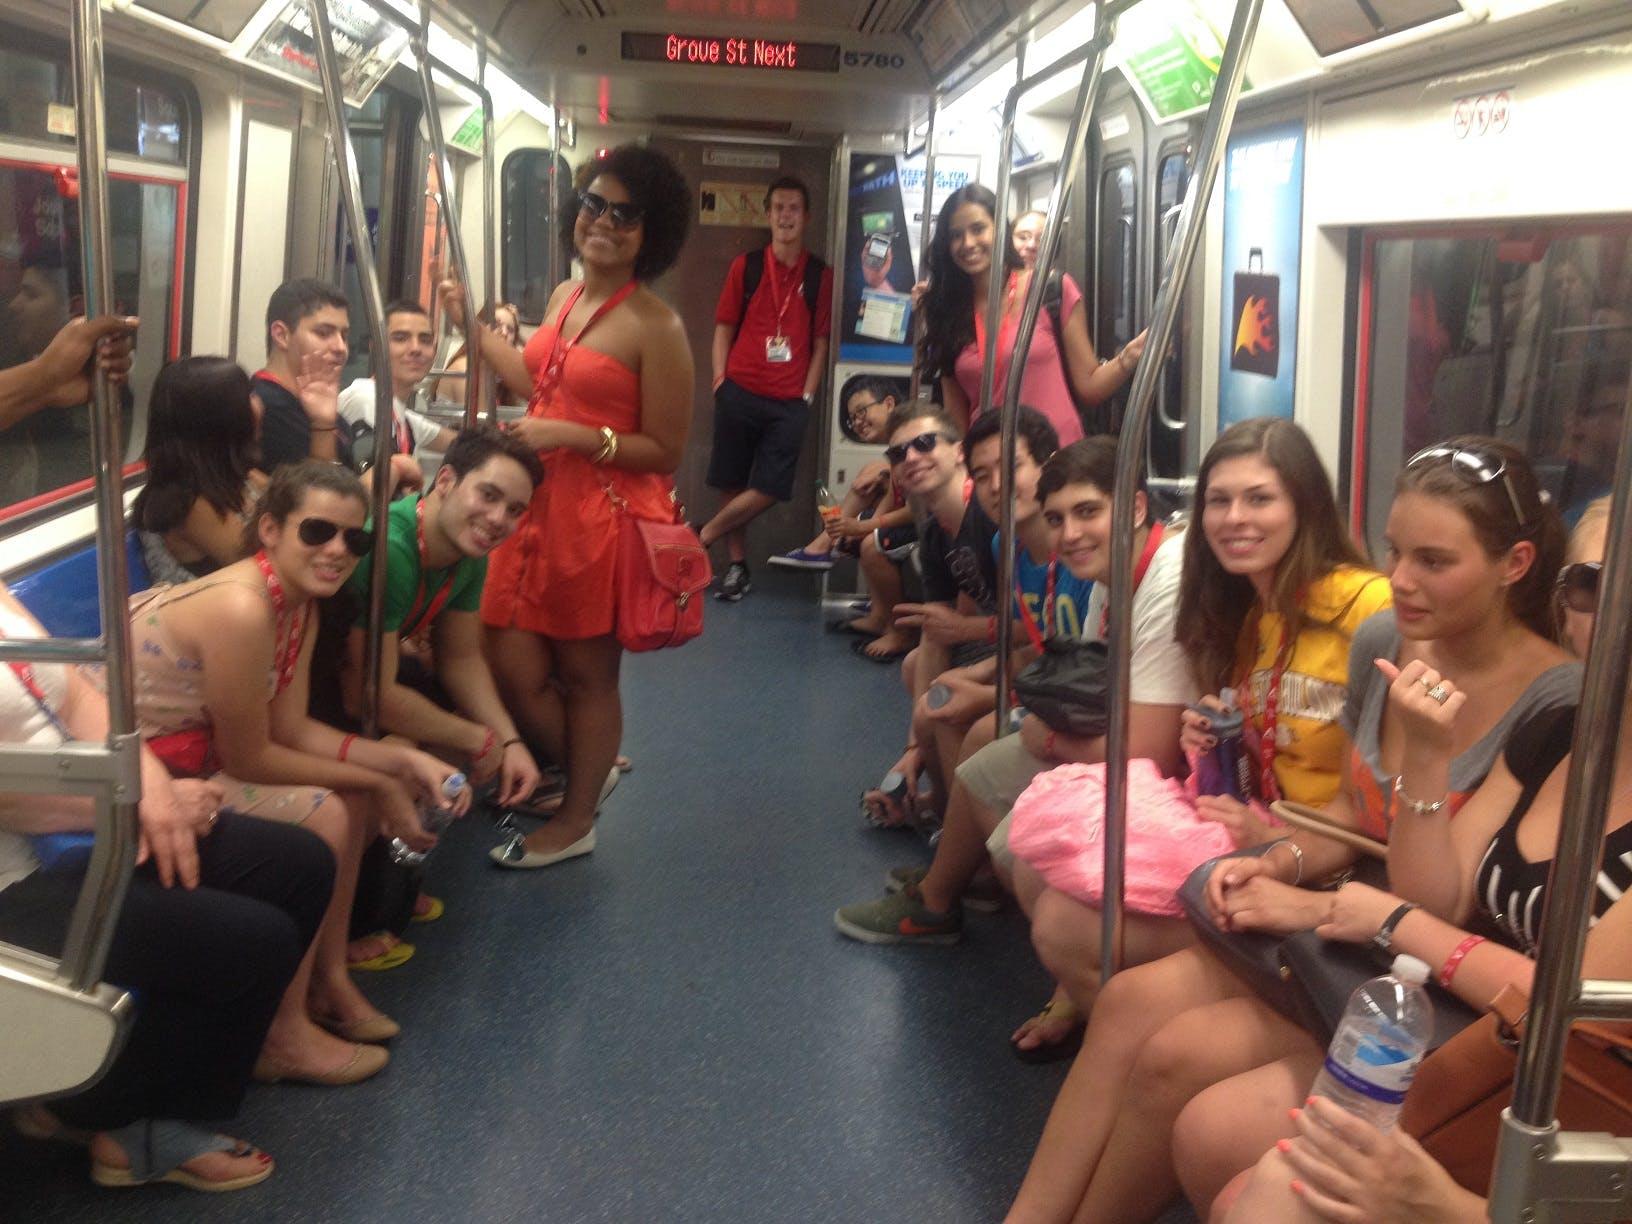 Os teens no metrô de NY!